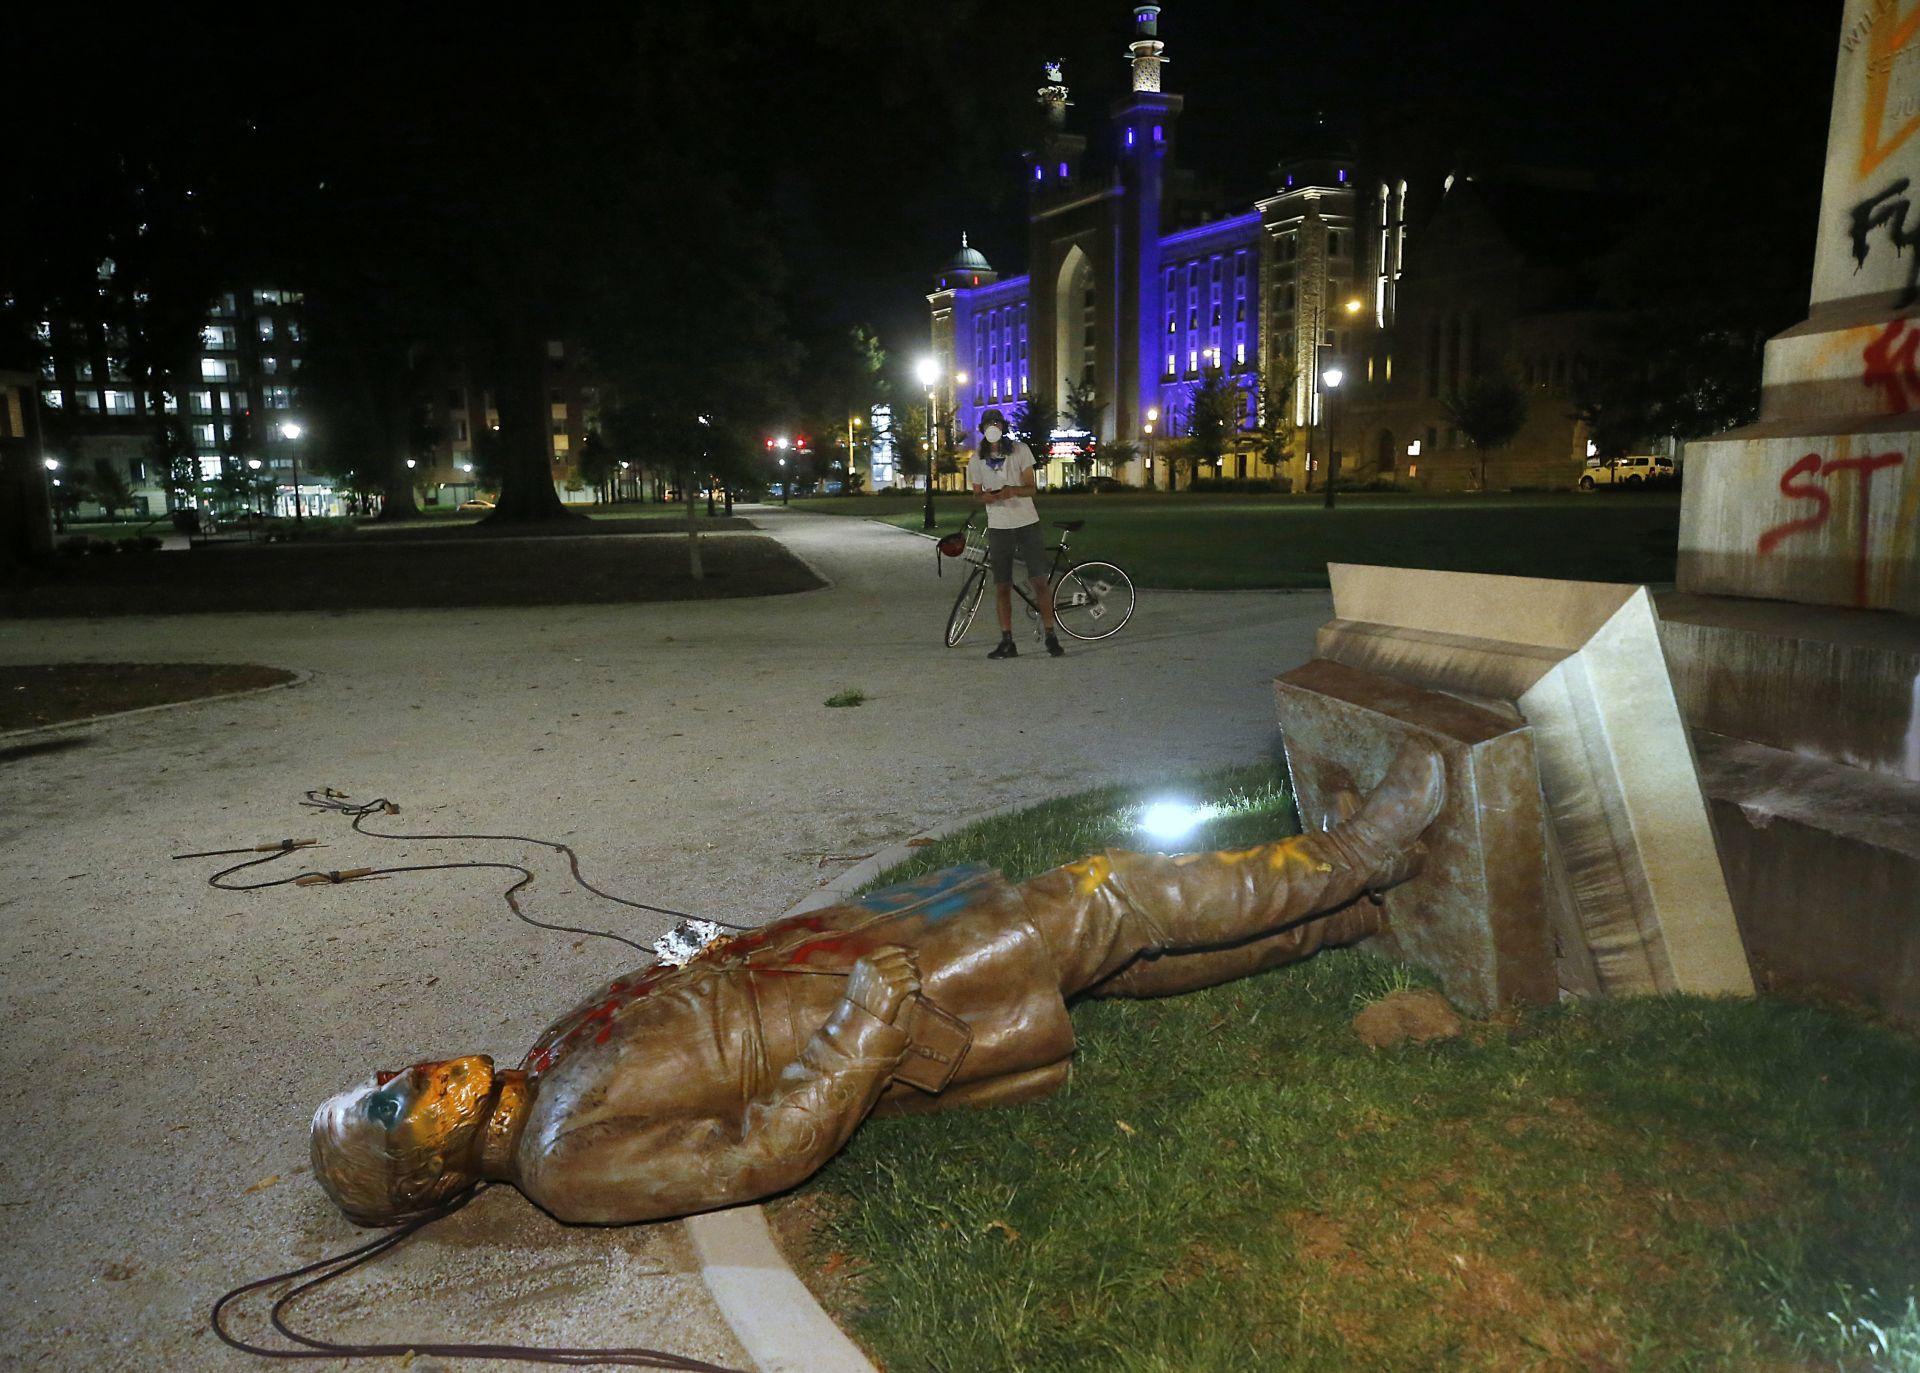 Протестиращи свалиха статуята на ген. Лий в Риз